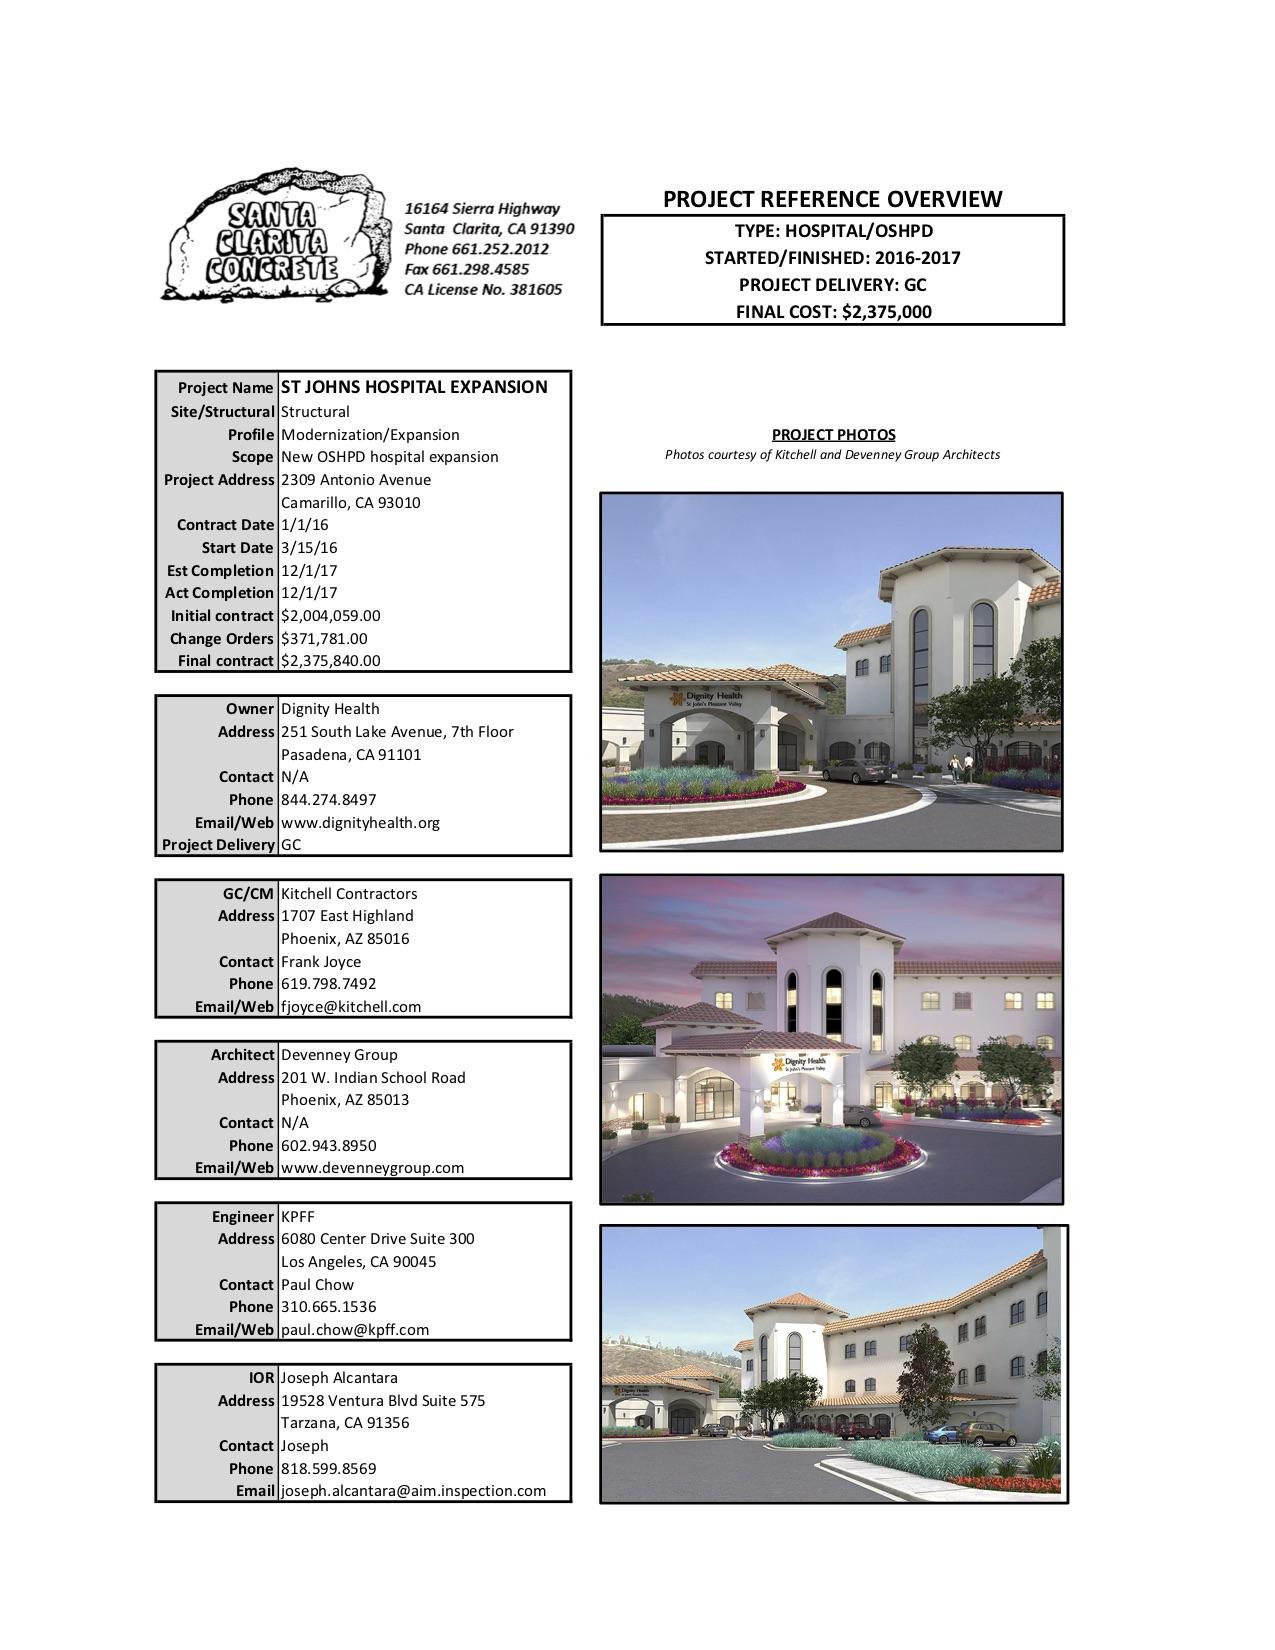 SJH job sheet.jpg